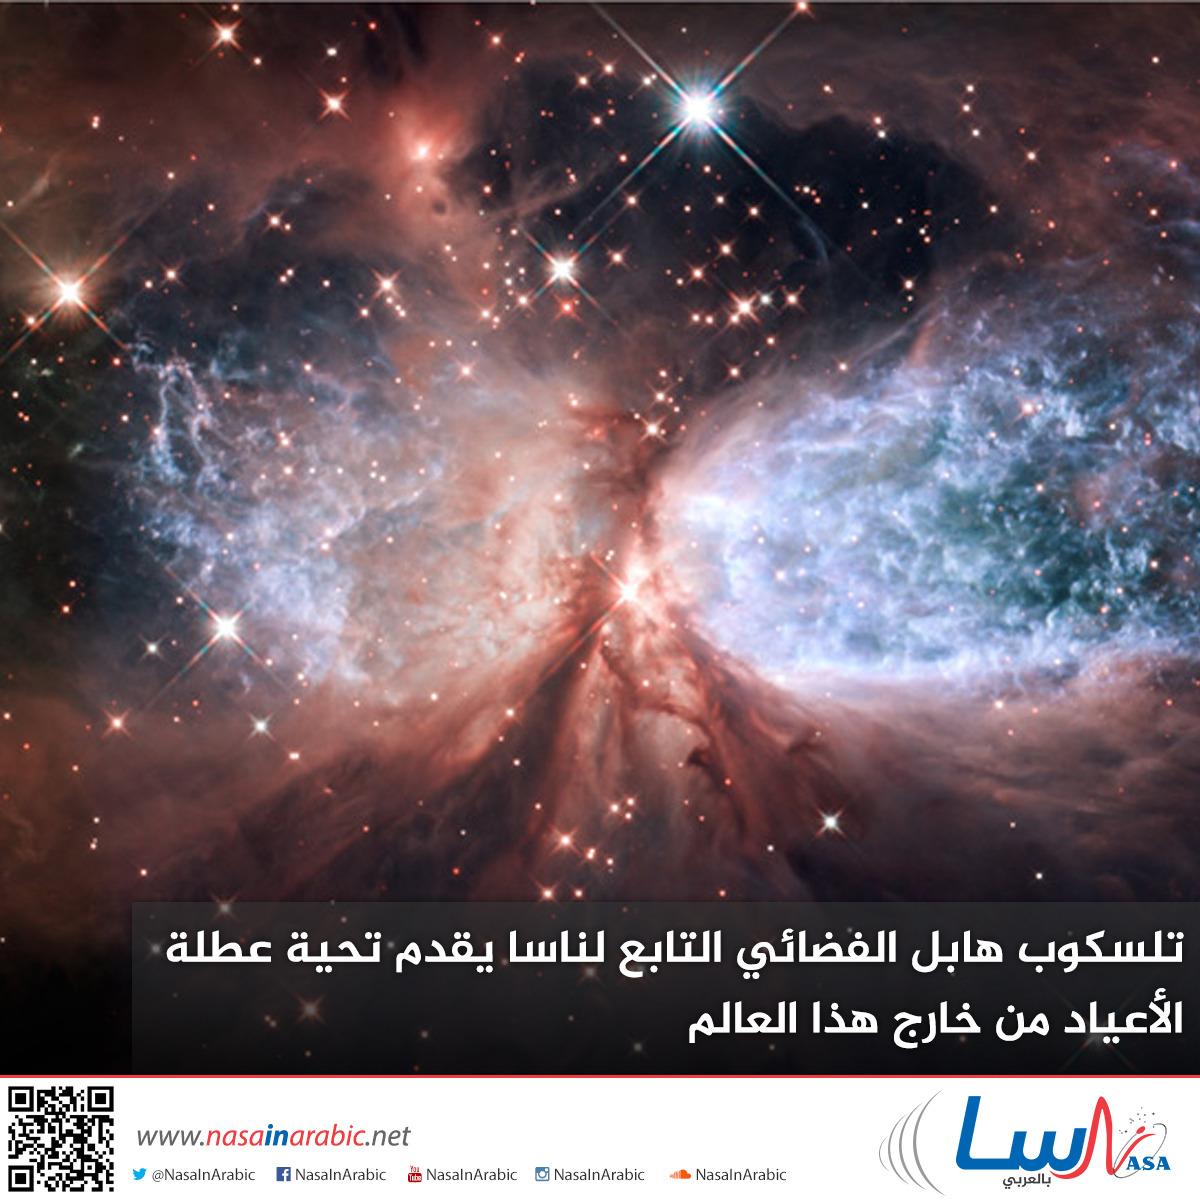 تلسكوب هابل الفضائي التابع لناسا يقدم تحية عطلة الأعياد من خارج هذا العالم